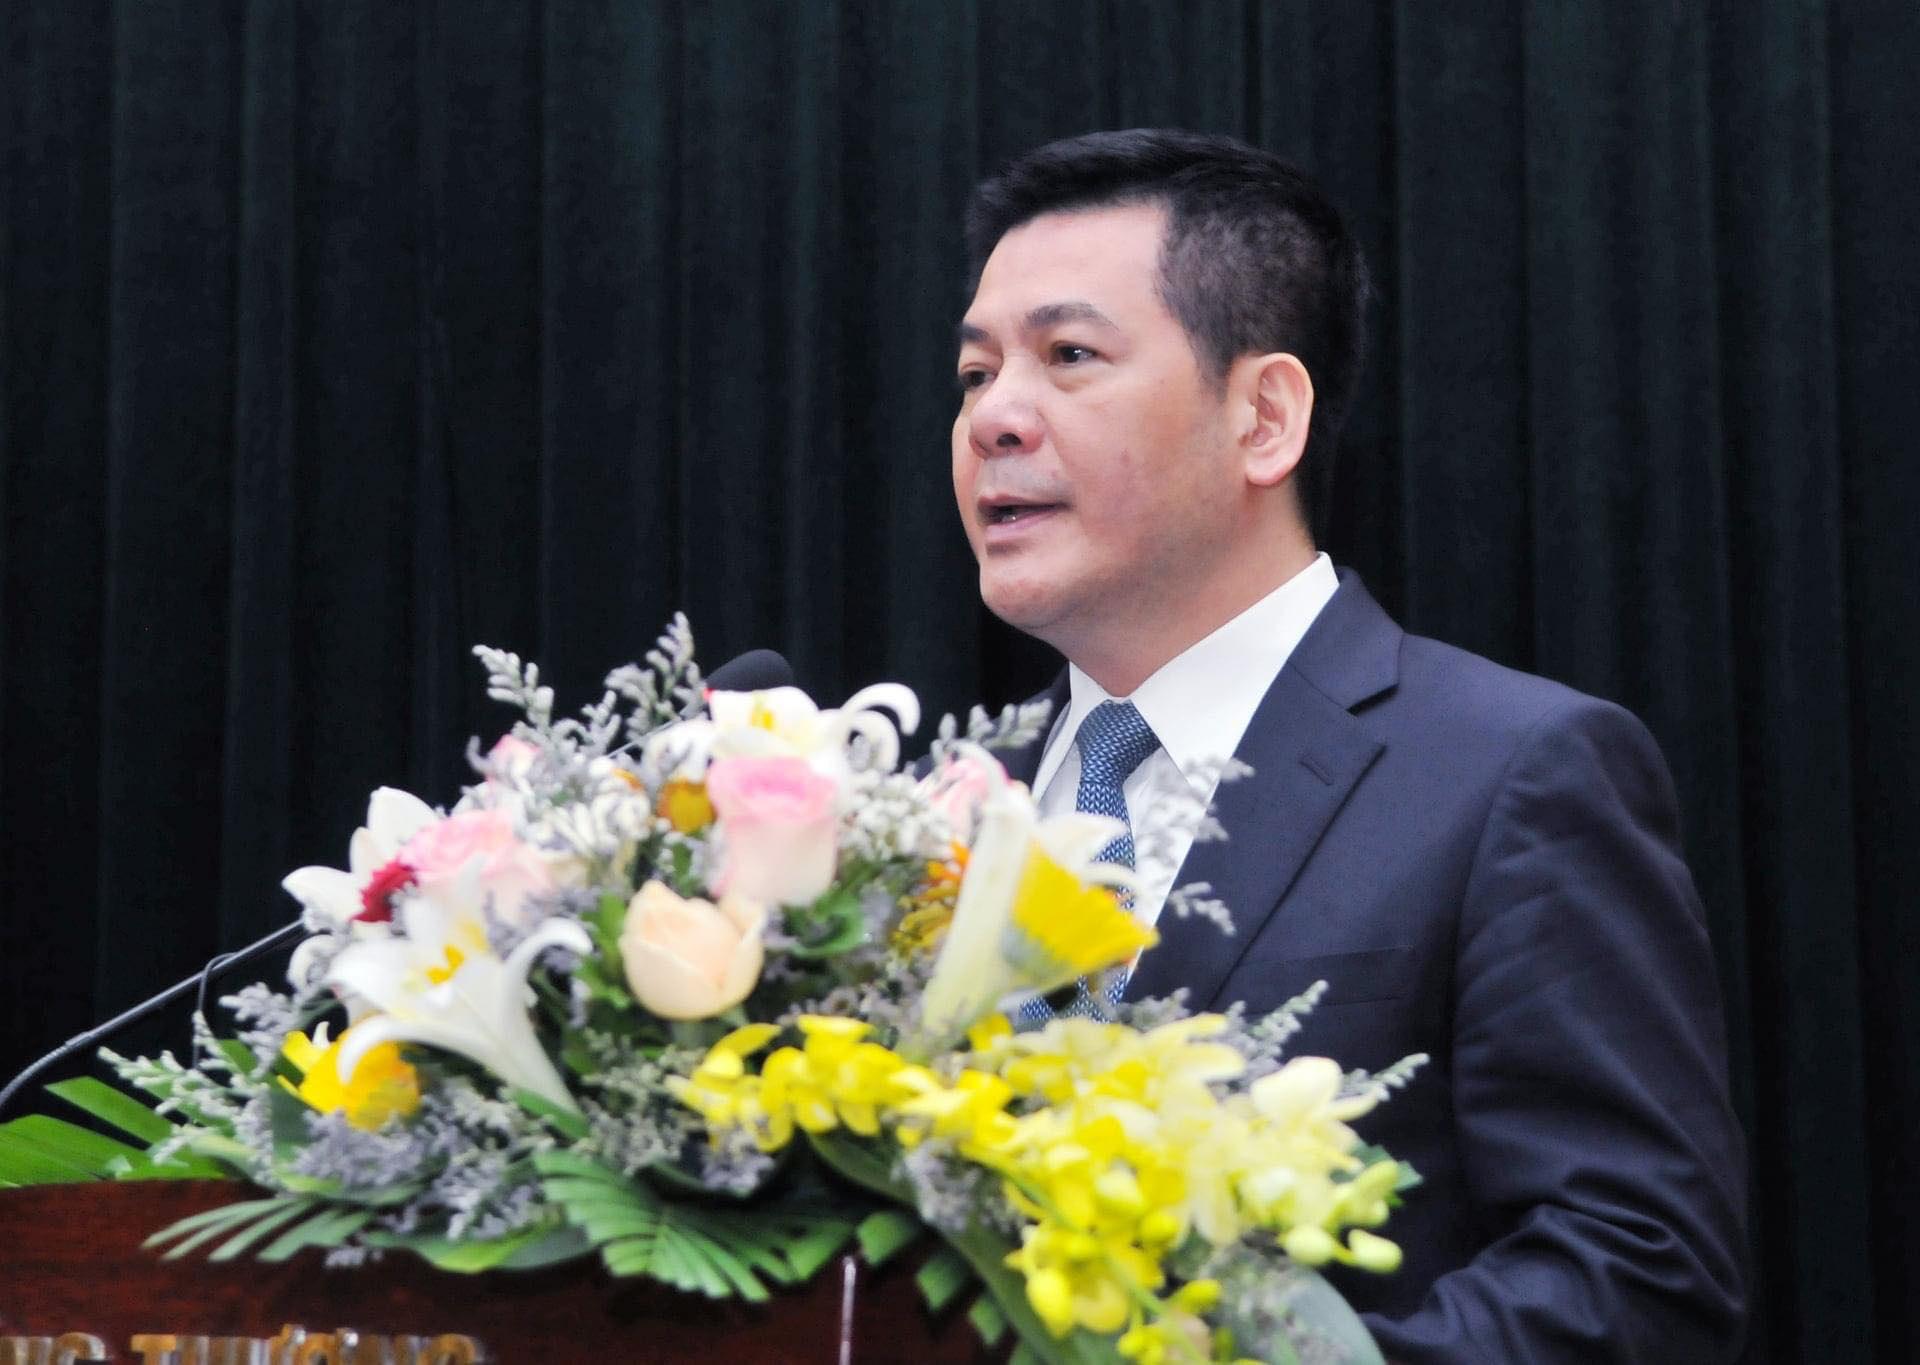 """Tân Bộ trưởng Công Thương Nguyễn Hồng Diên: """"Trước vấn đề nhạy cảm sẽ quyết theo đa số"""" - Ảnh 1."""